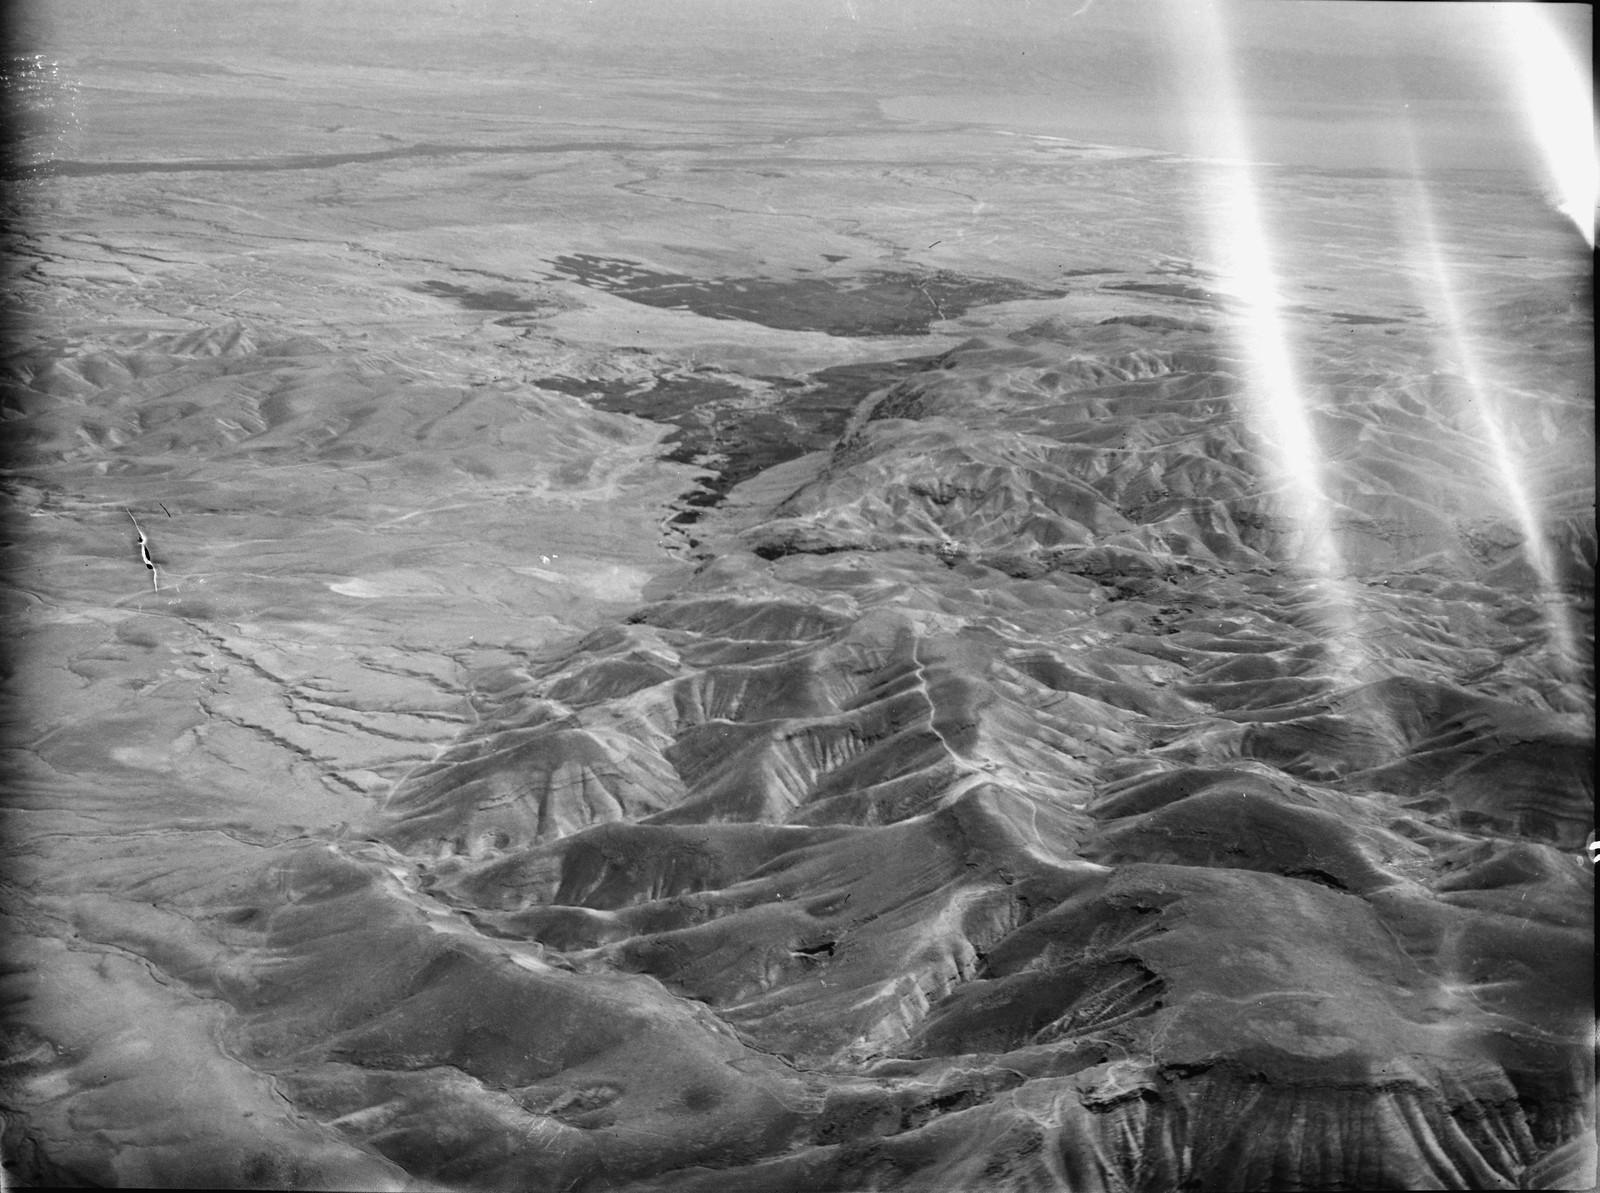 Полет на юг через Иорданский Разлом. Пустыня Иудеи предгорья. Айн Герцог, Иерихон и Иордания на расстоянии